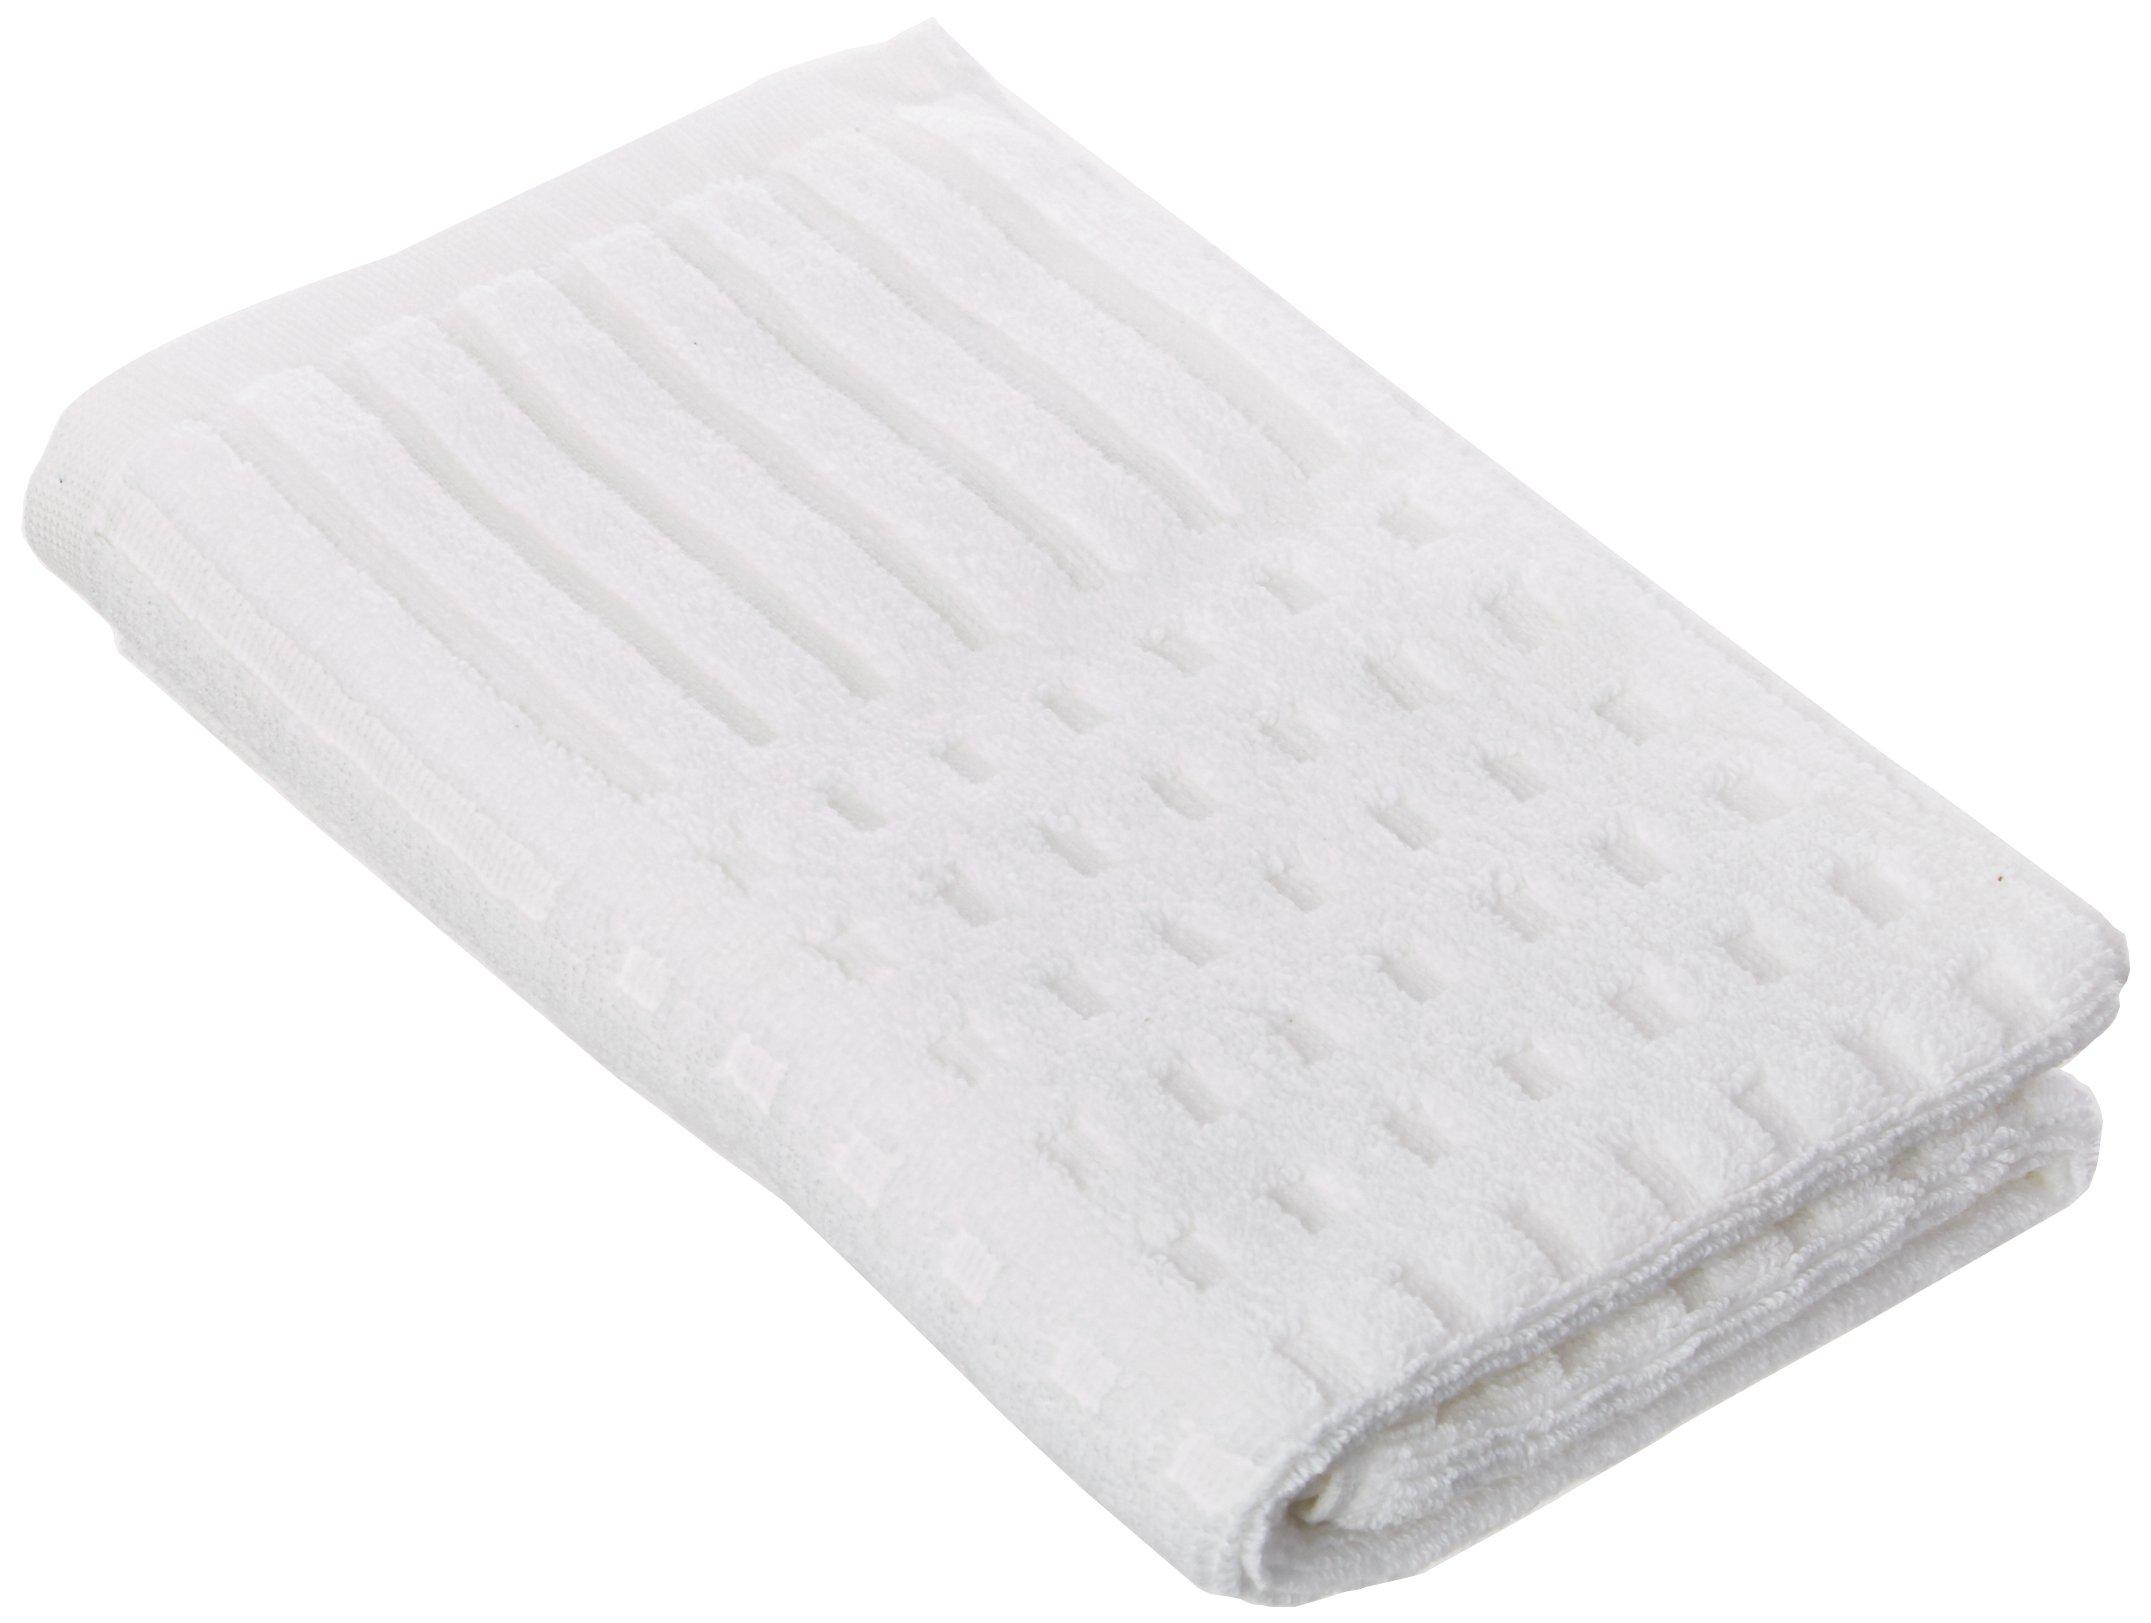 Kassatex Spa Hand Towel, White